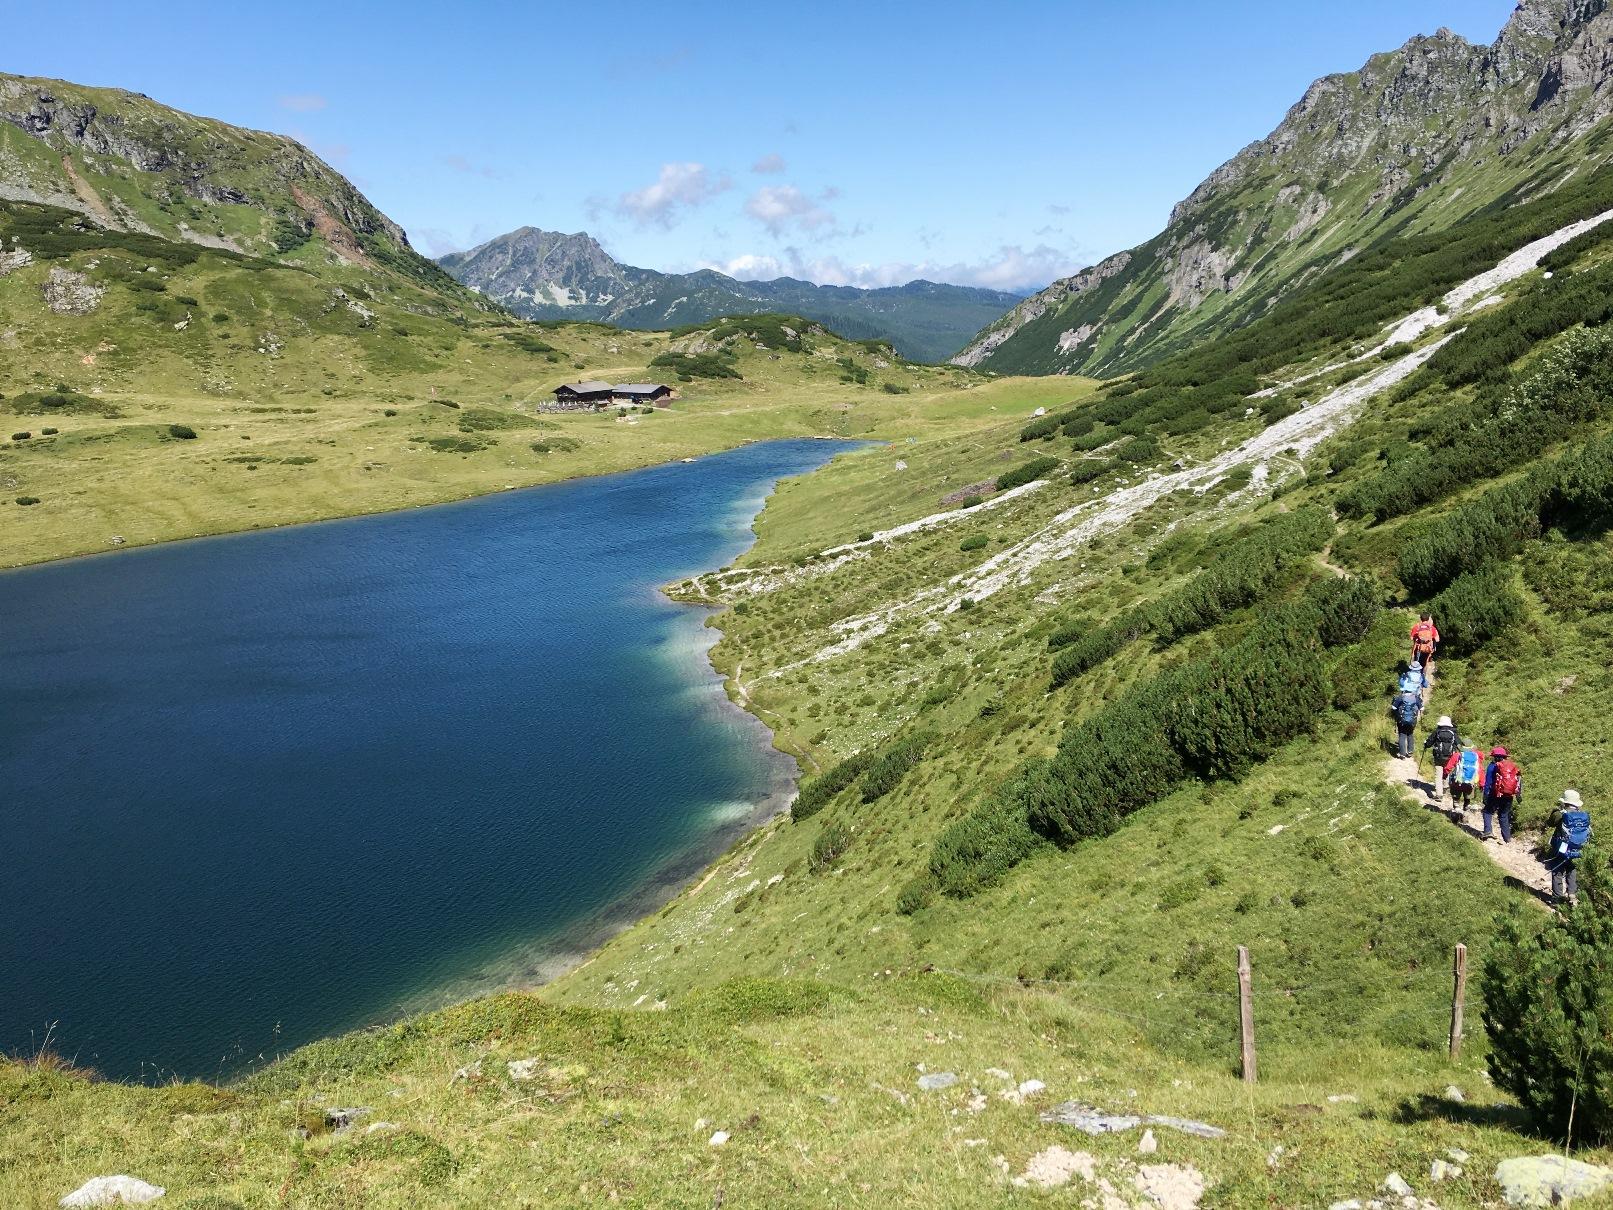 湖と緑が美しいシュラードミング